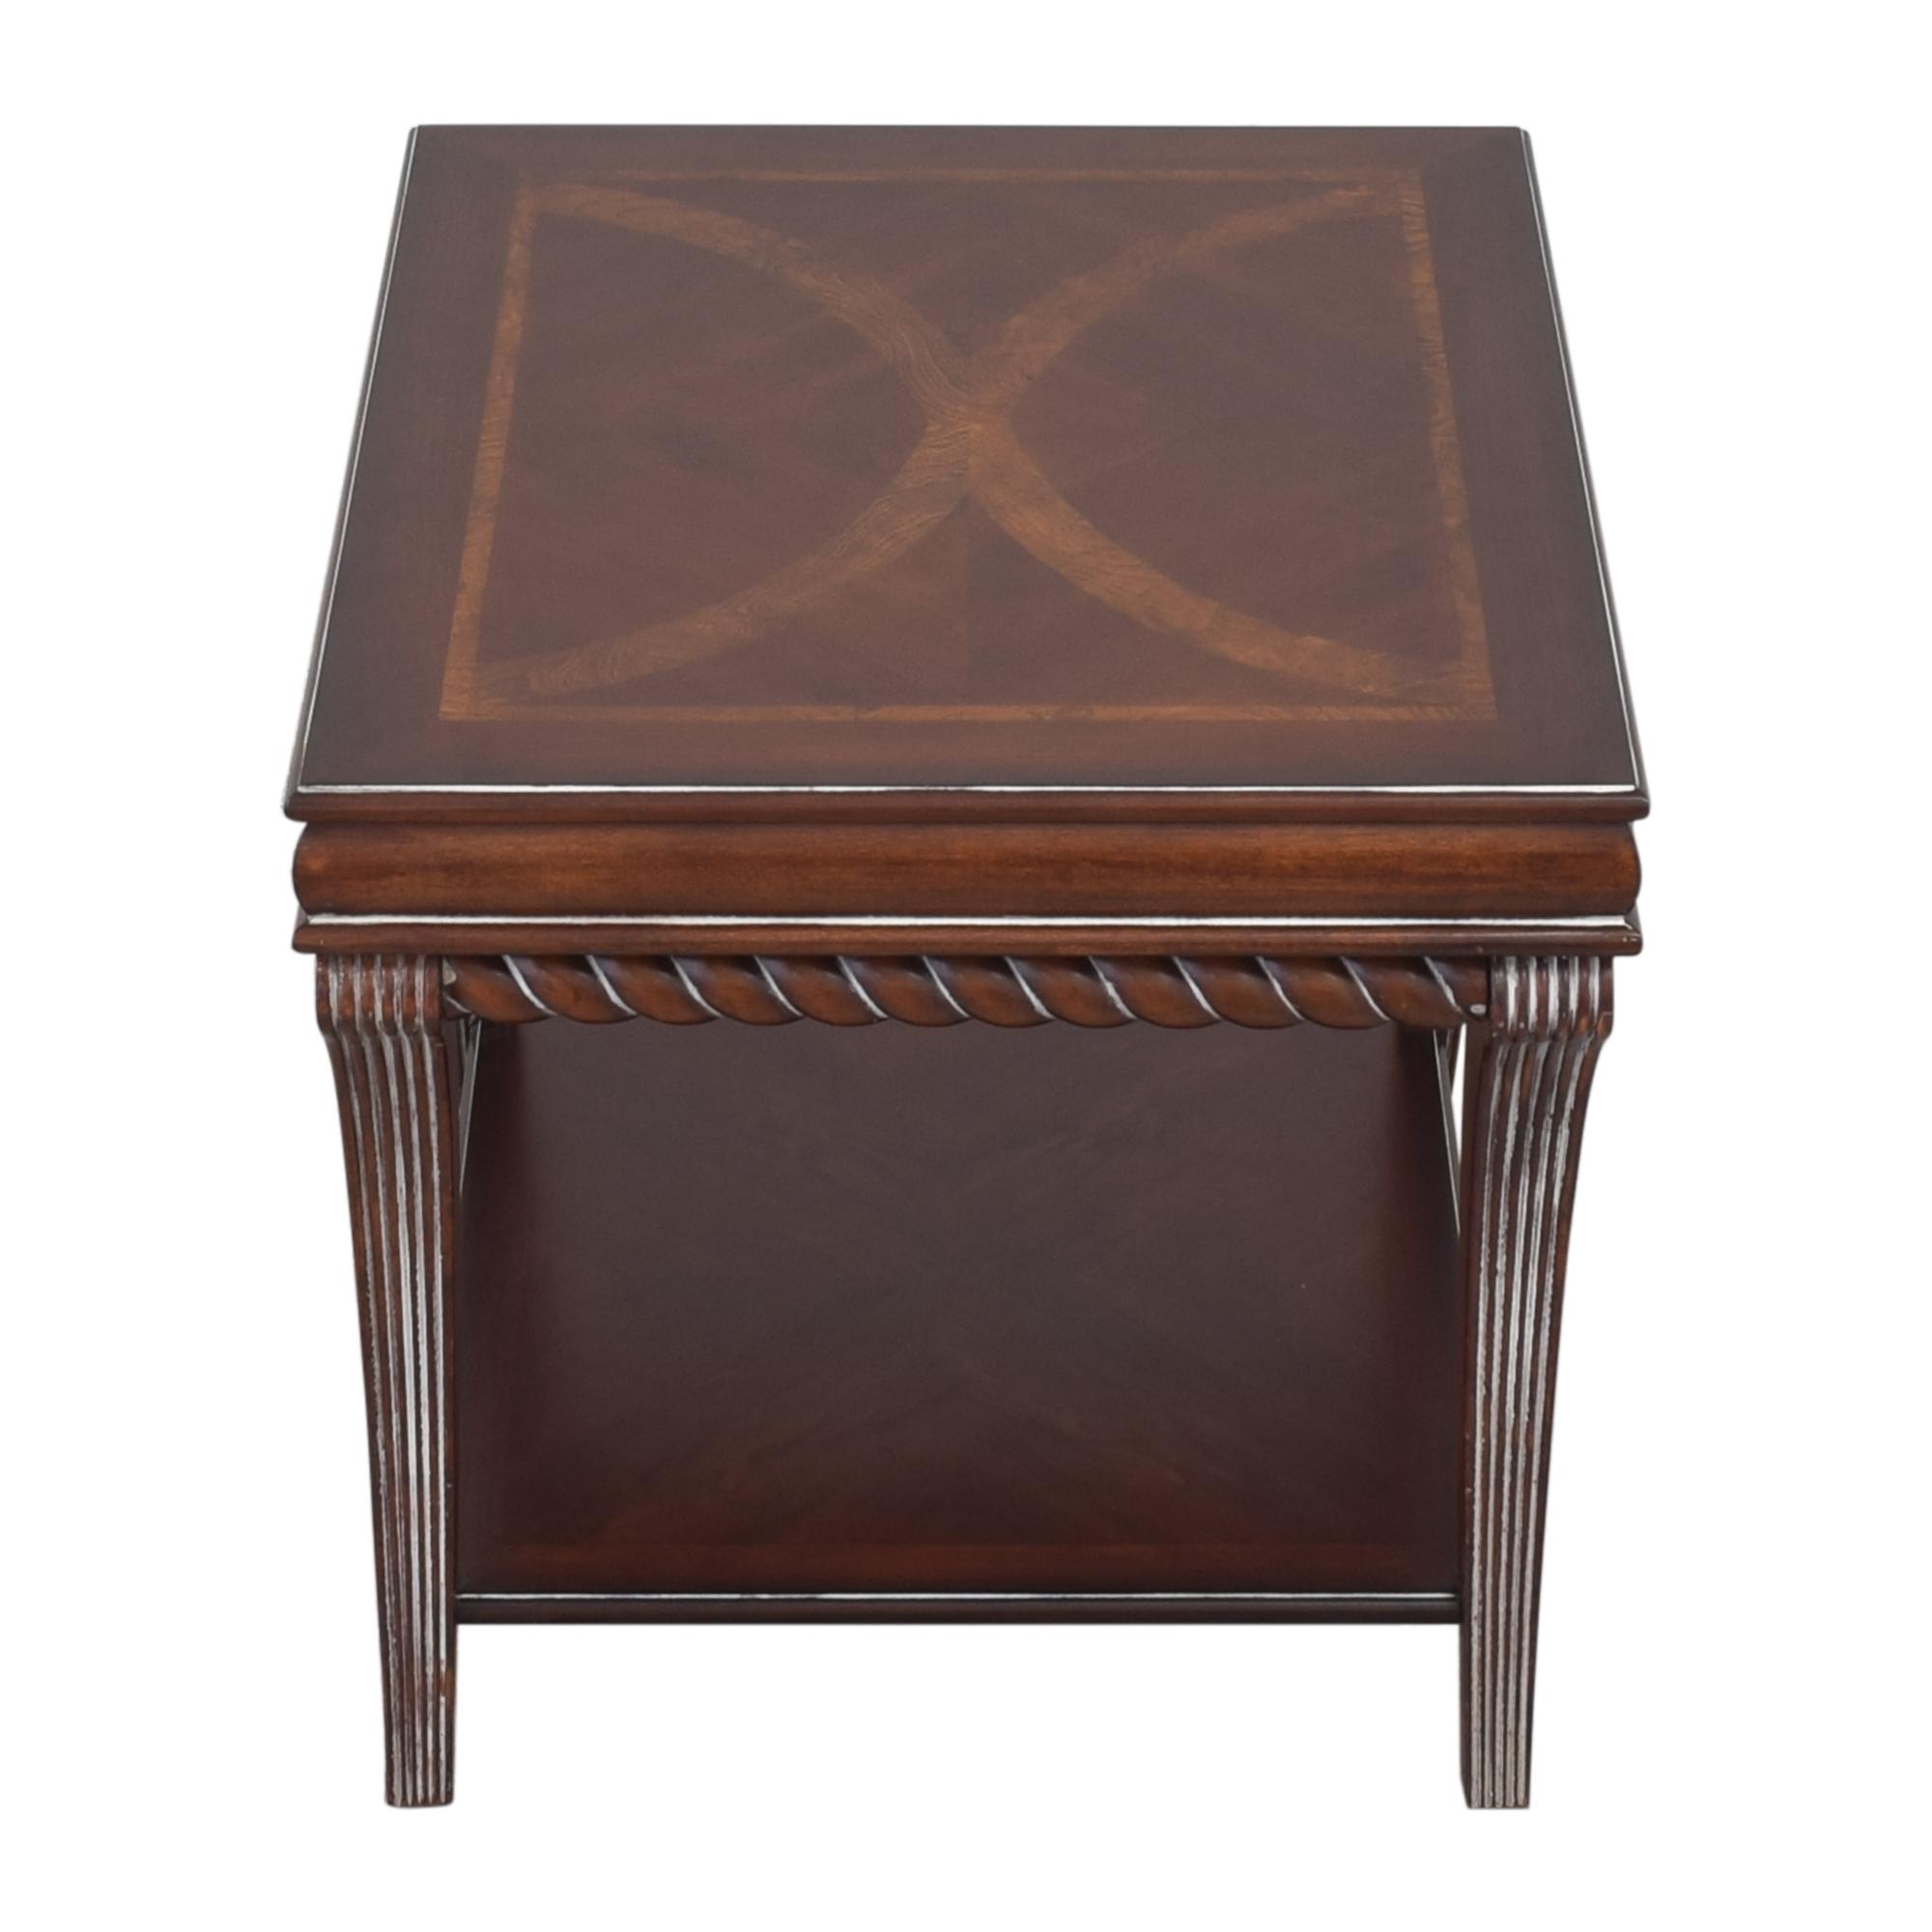 buy Master Design Furniture End Table Master Design Furniture